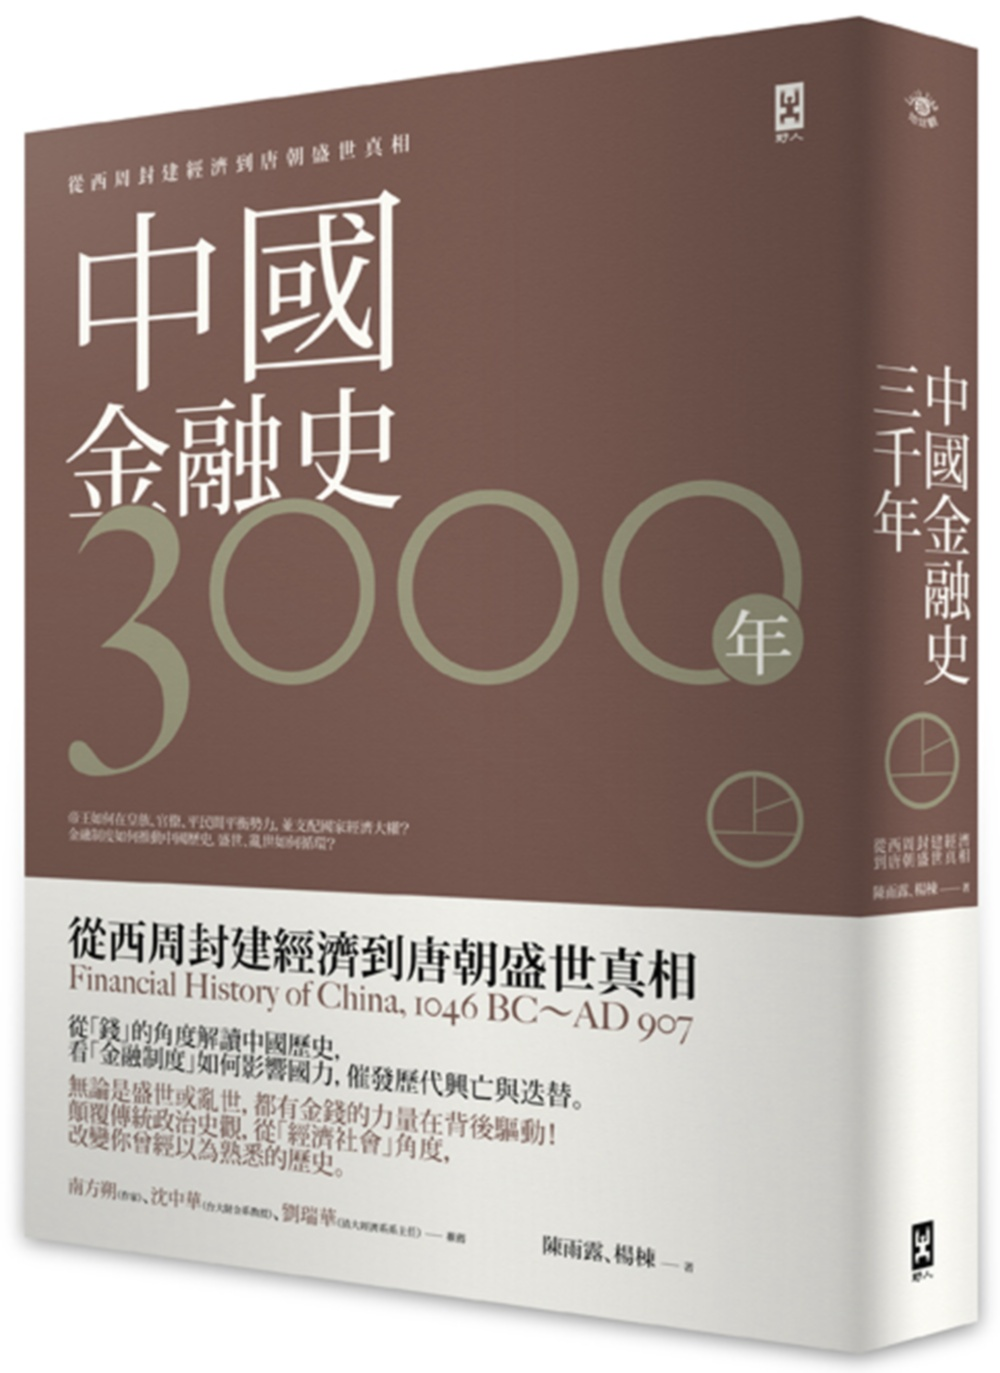 中國金融史3000年[上]:從西周封建經濟到唐朝盛世真相